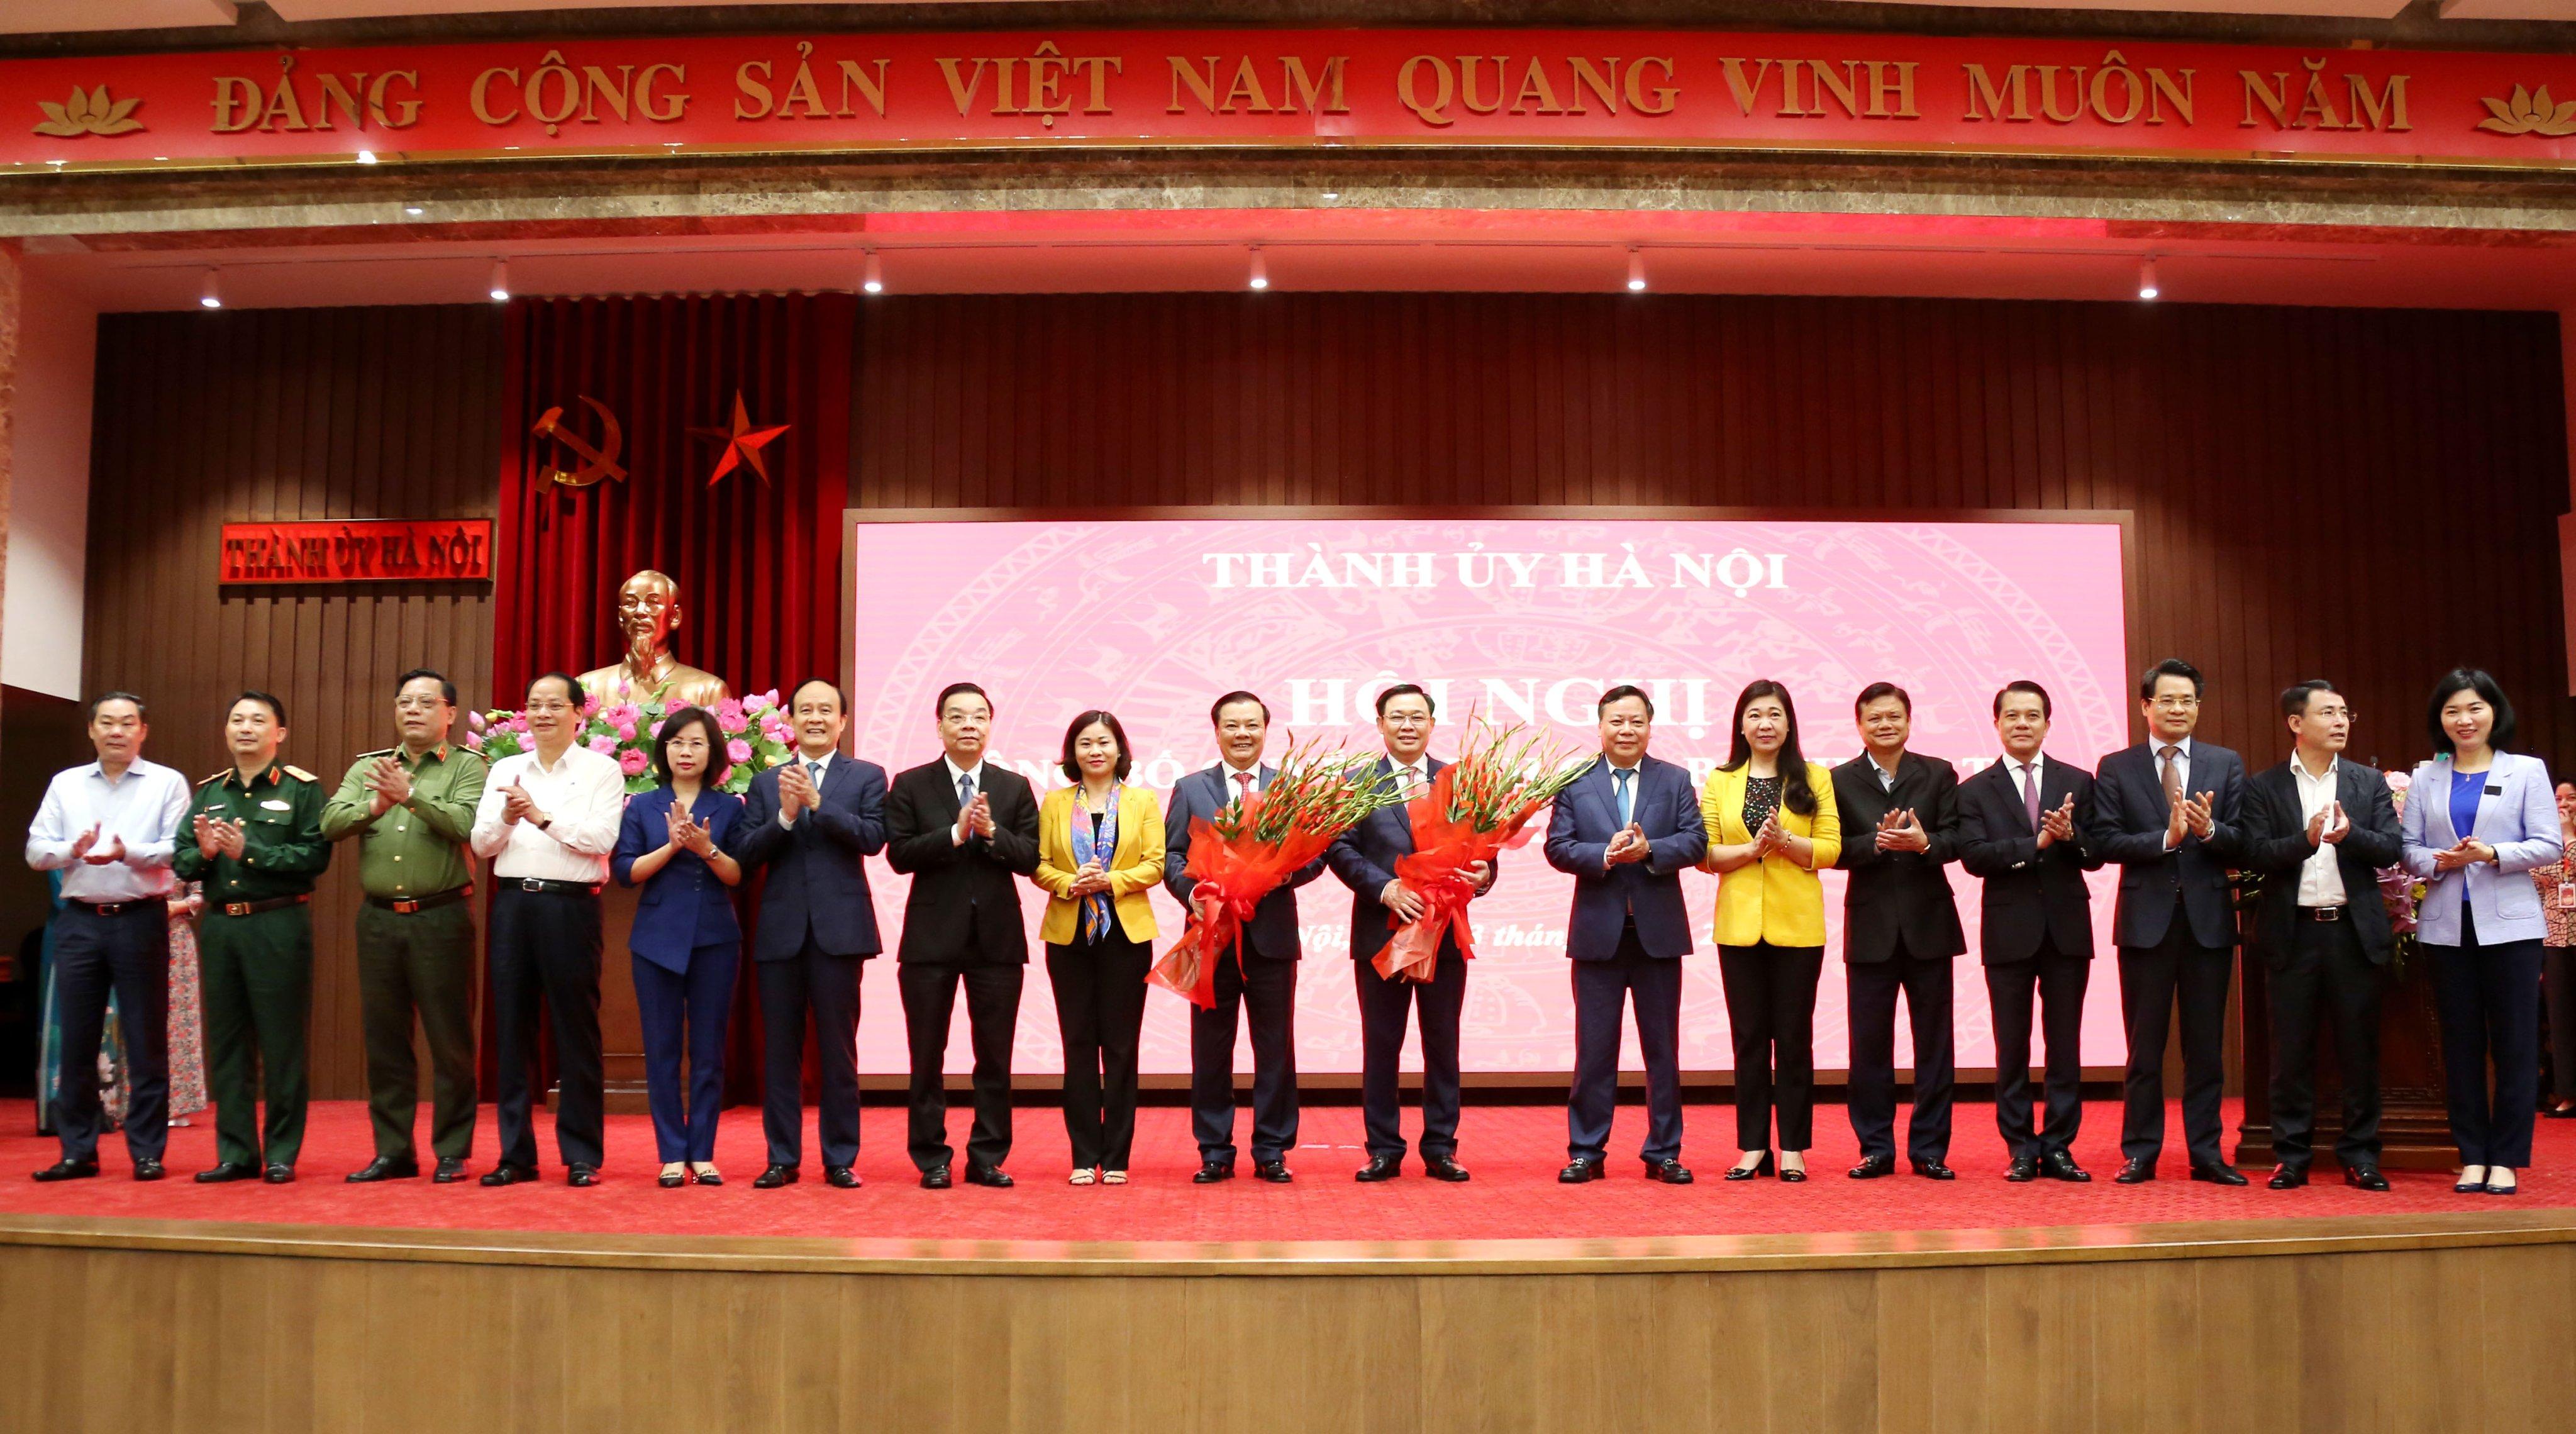 Các đồng chí Ban Thường vụ Thành ủy Hà Nội tặng hoa chúc mừng đồng chí Vương Đình Huệ và Đinh Tiến Dũng.